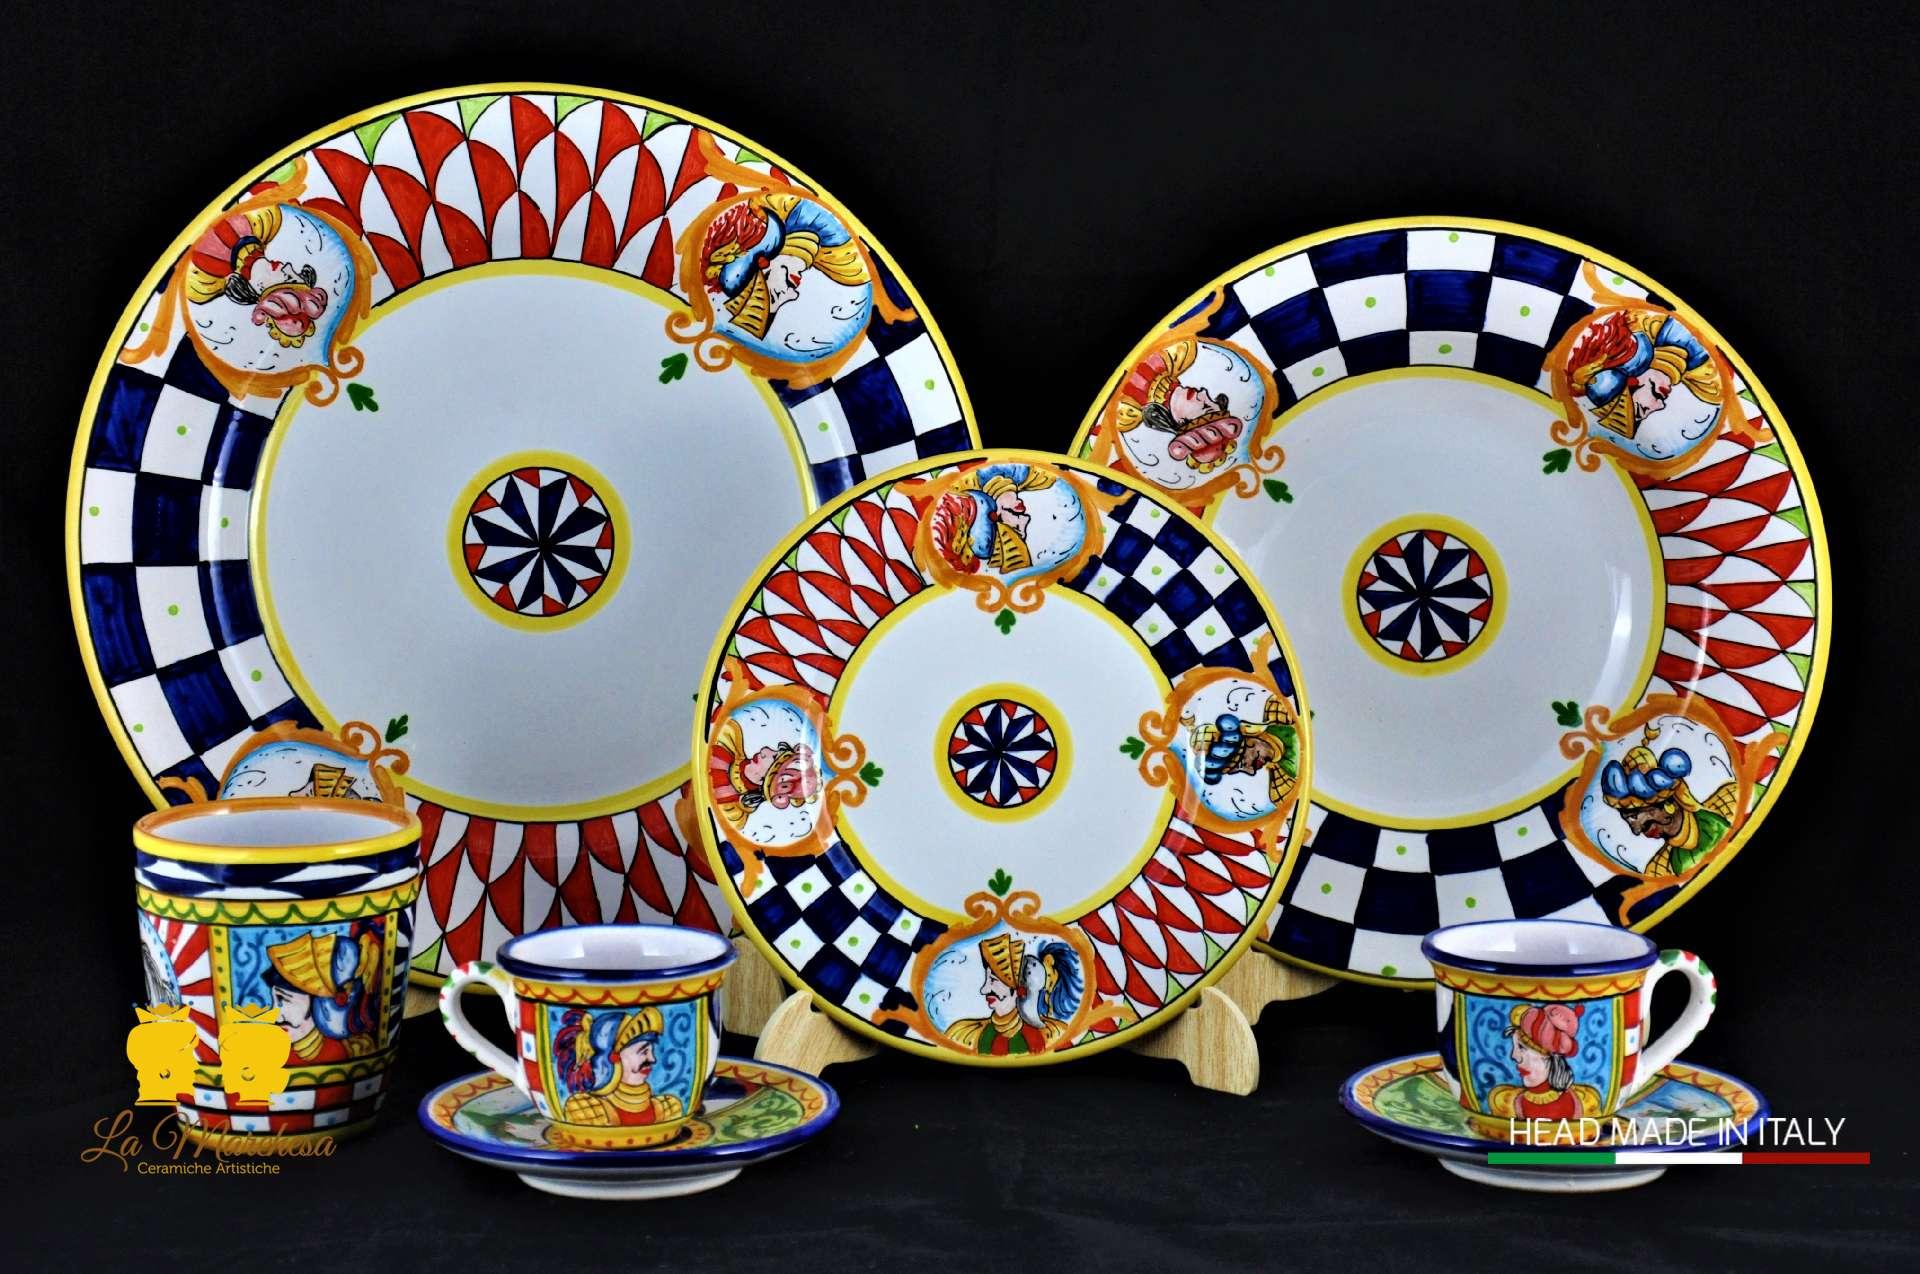 Piatti Ceramica Di Caltagirone.Servizio Piatti Carretto 24 Pz La Marchesa Ceramiche Artistiche